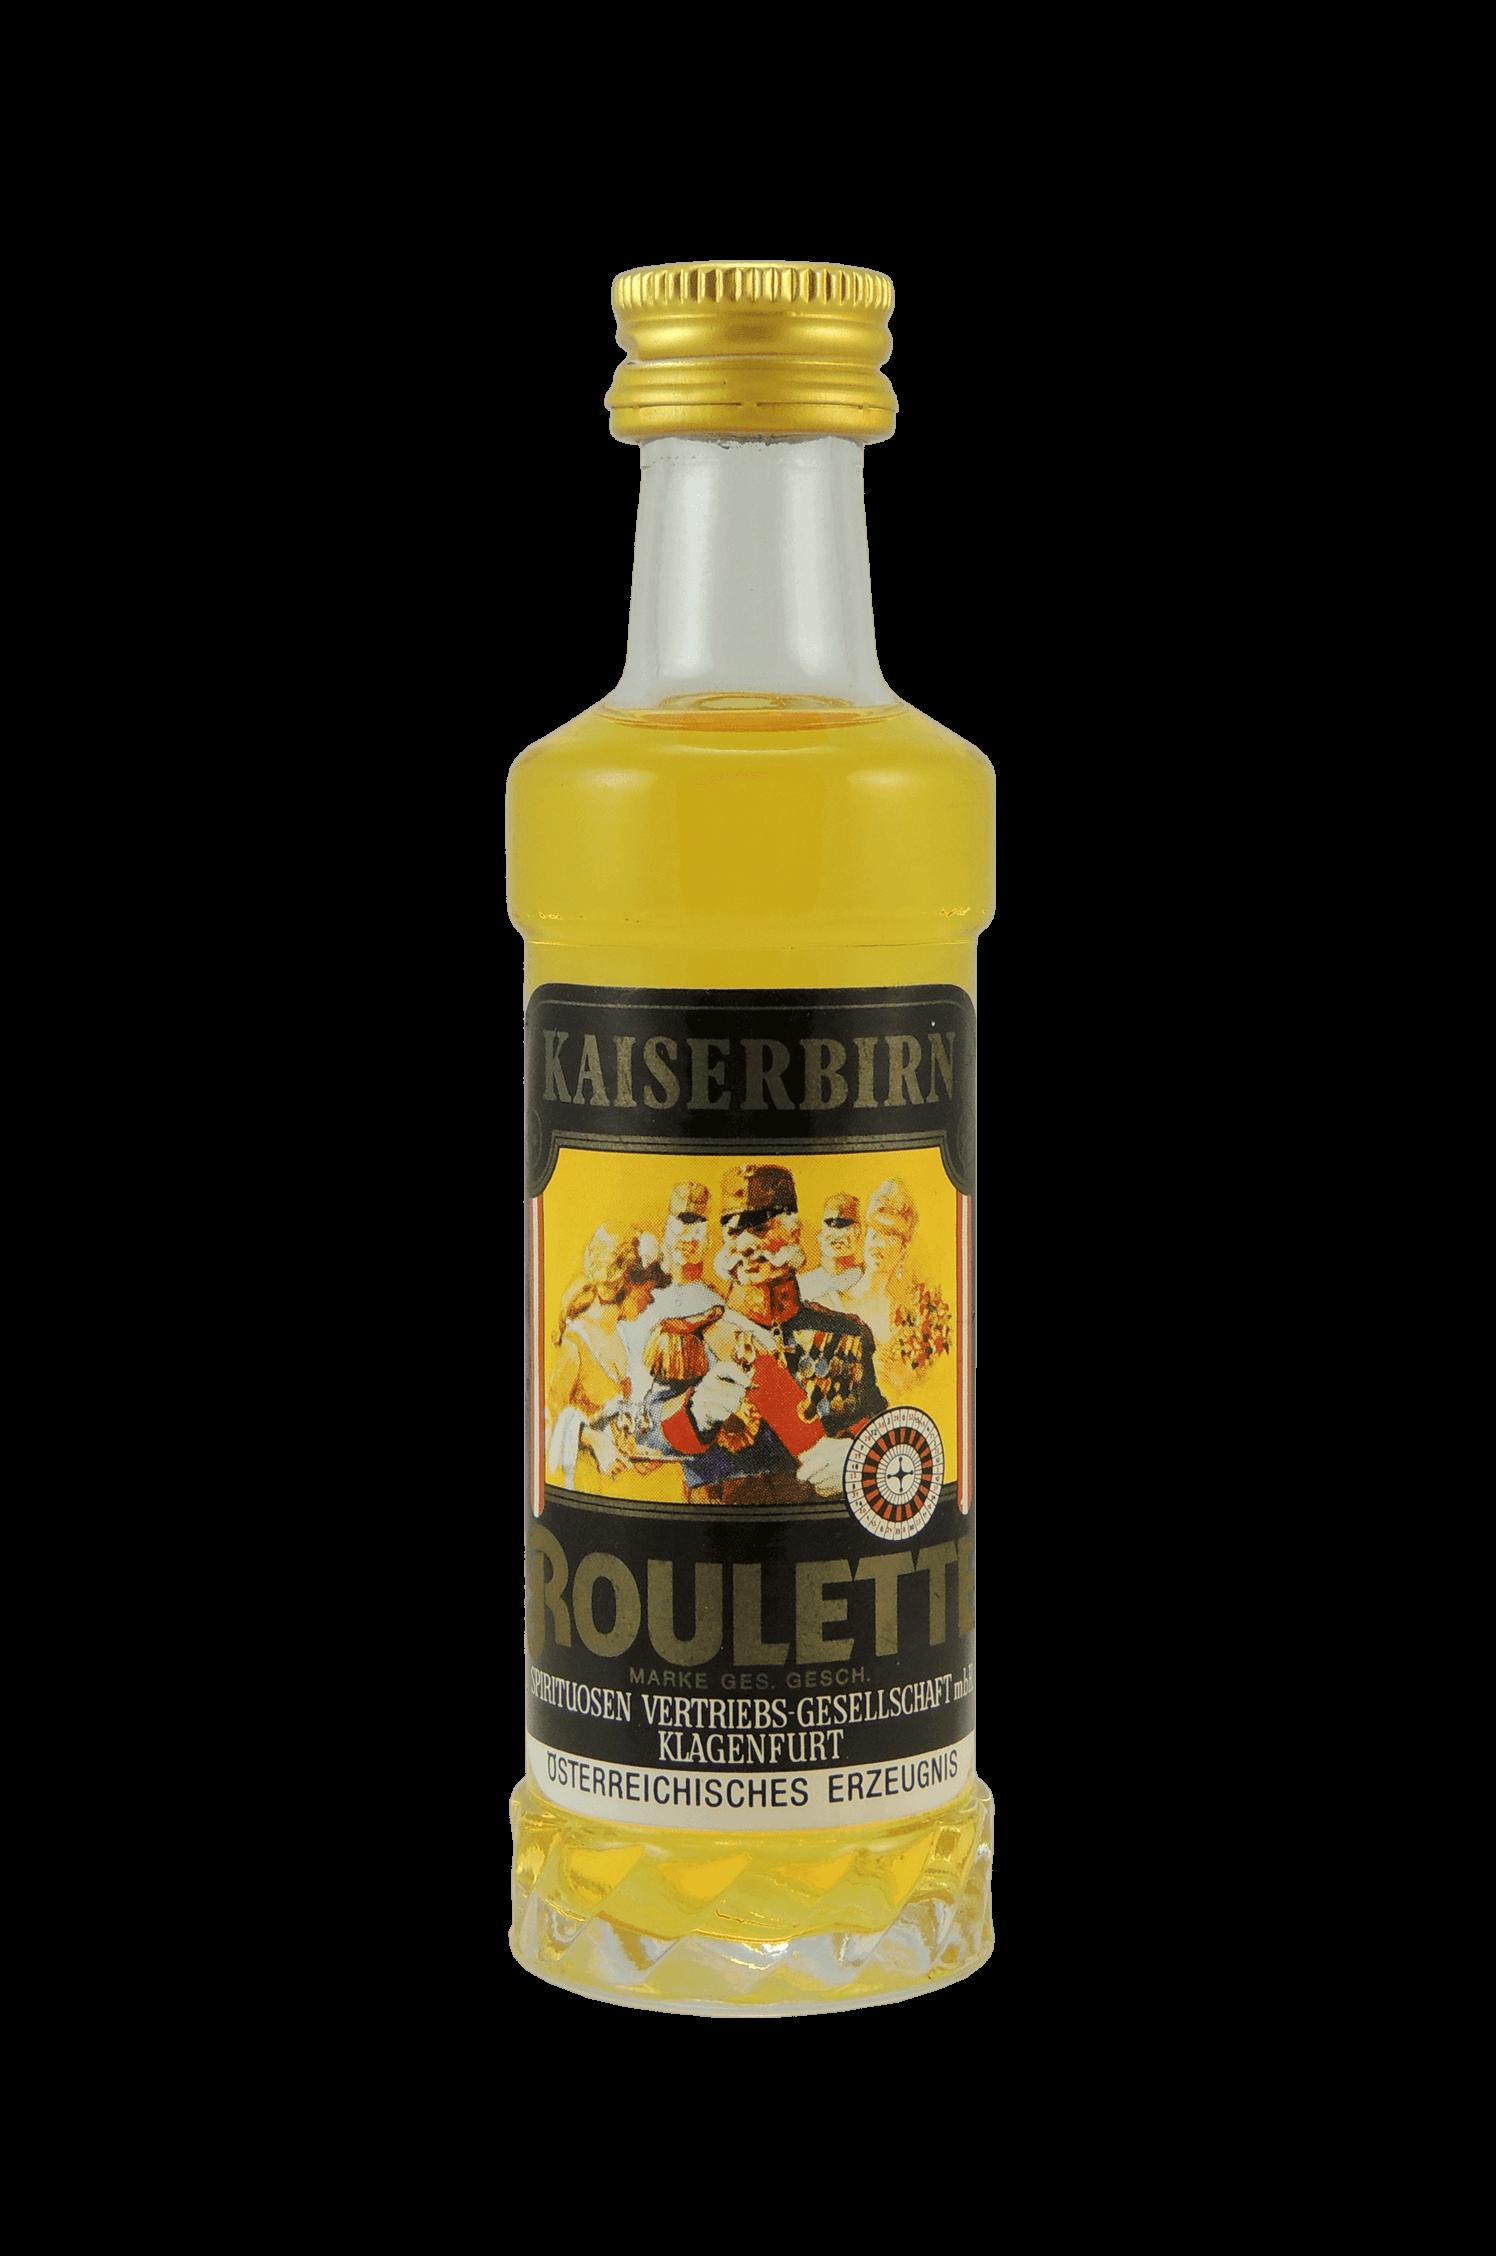 Kaiserbirn Roulette